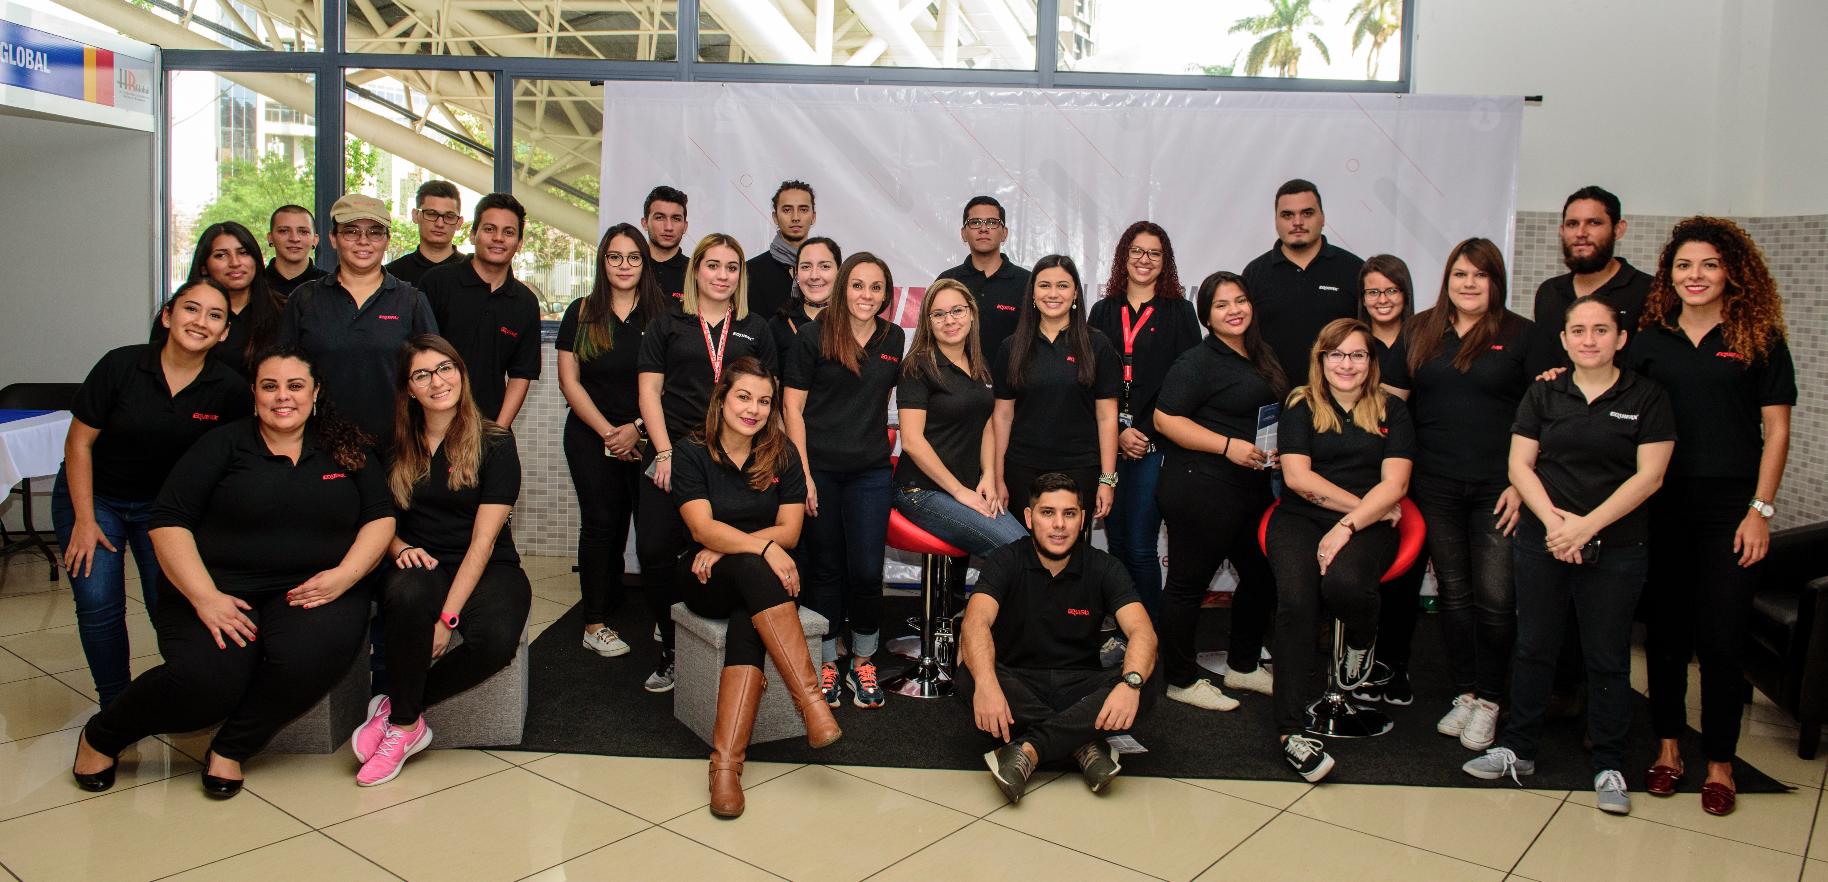 Equifax recibió el reconocimiento de Best Customer Experience (Mejor servicio al visitante) en Expoempleo Abril 2018 por el buen trato a los visitantes.